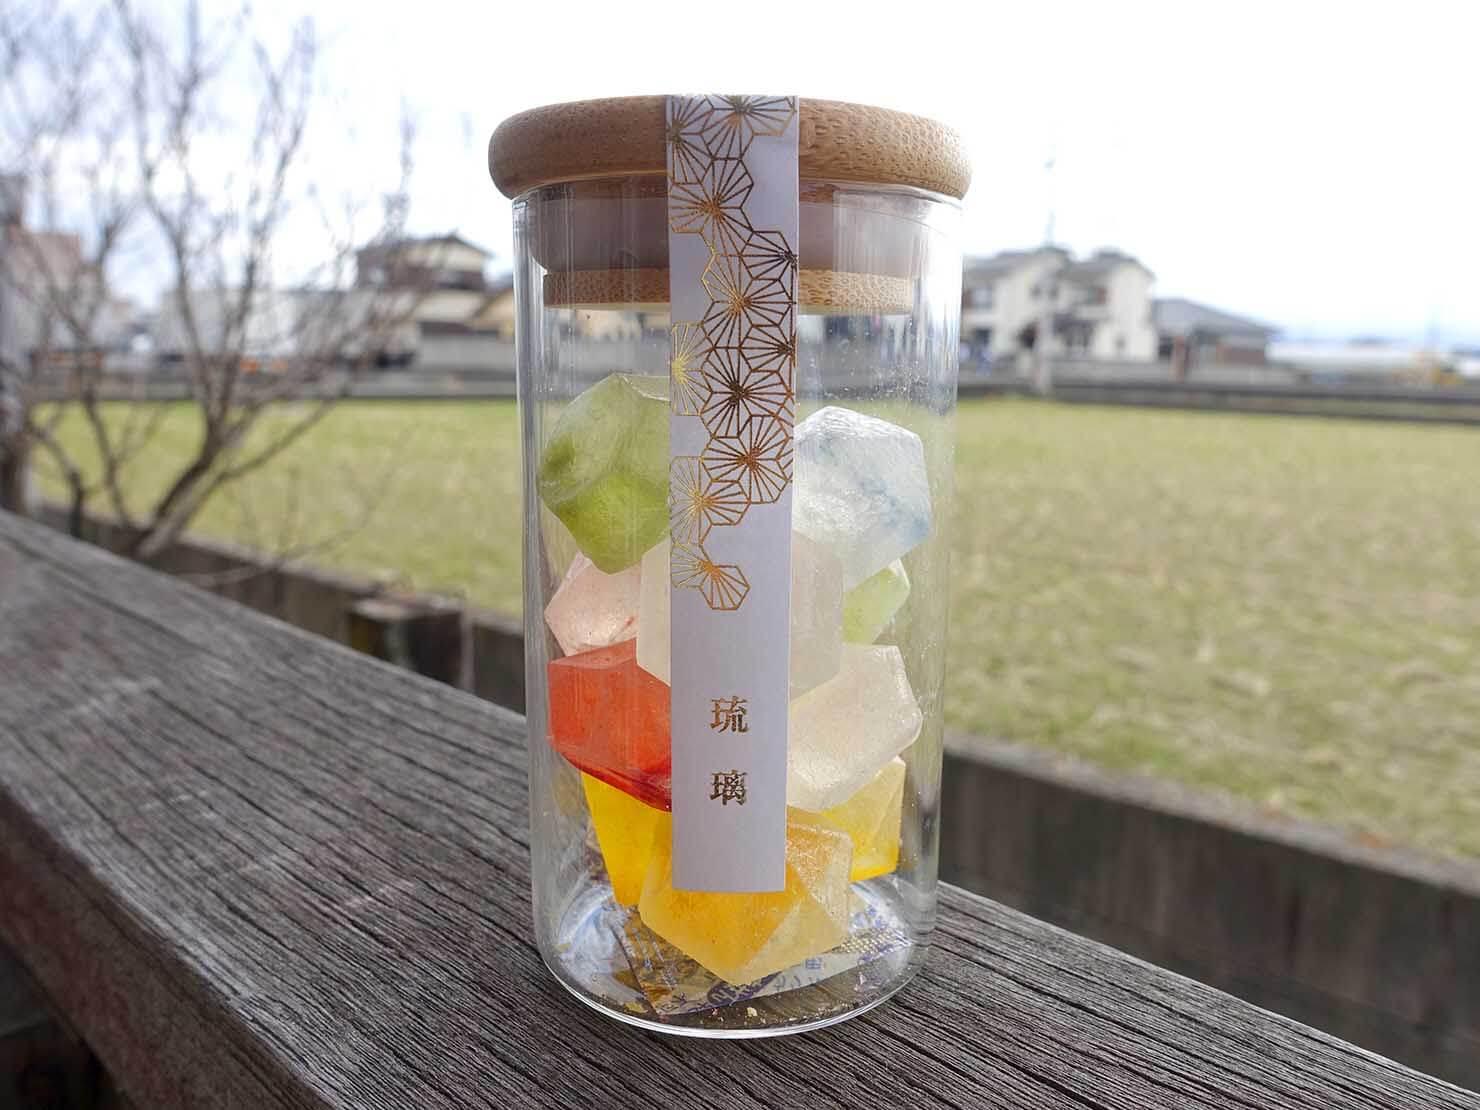 台北・永康街のおすすめおみやげショップ「來好 LAIHAO」で買った金錦町の琥珀糖パッケージ